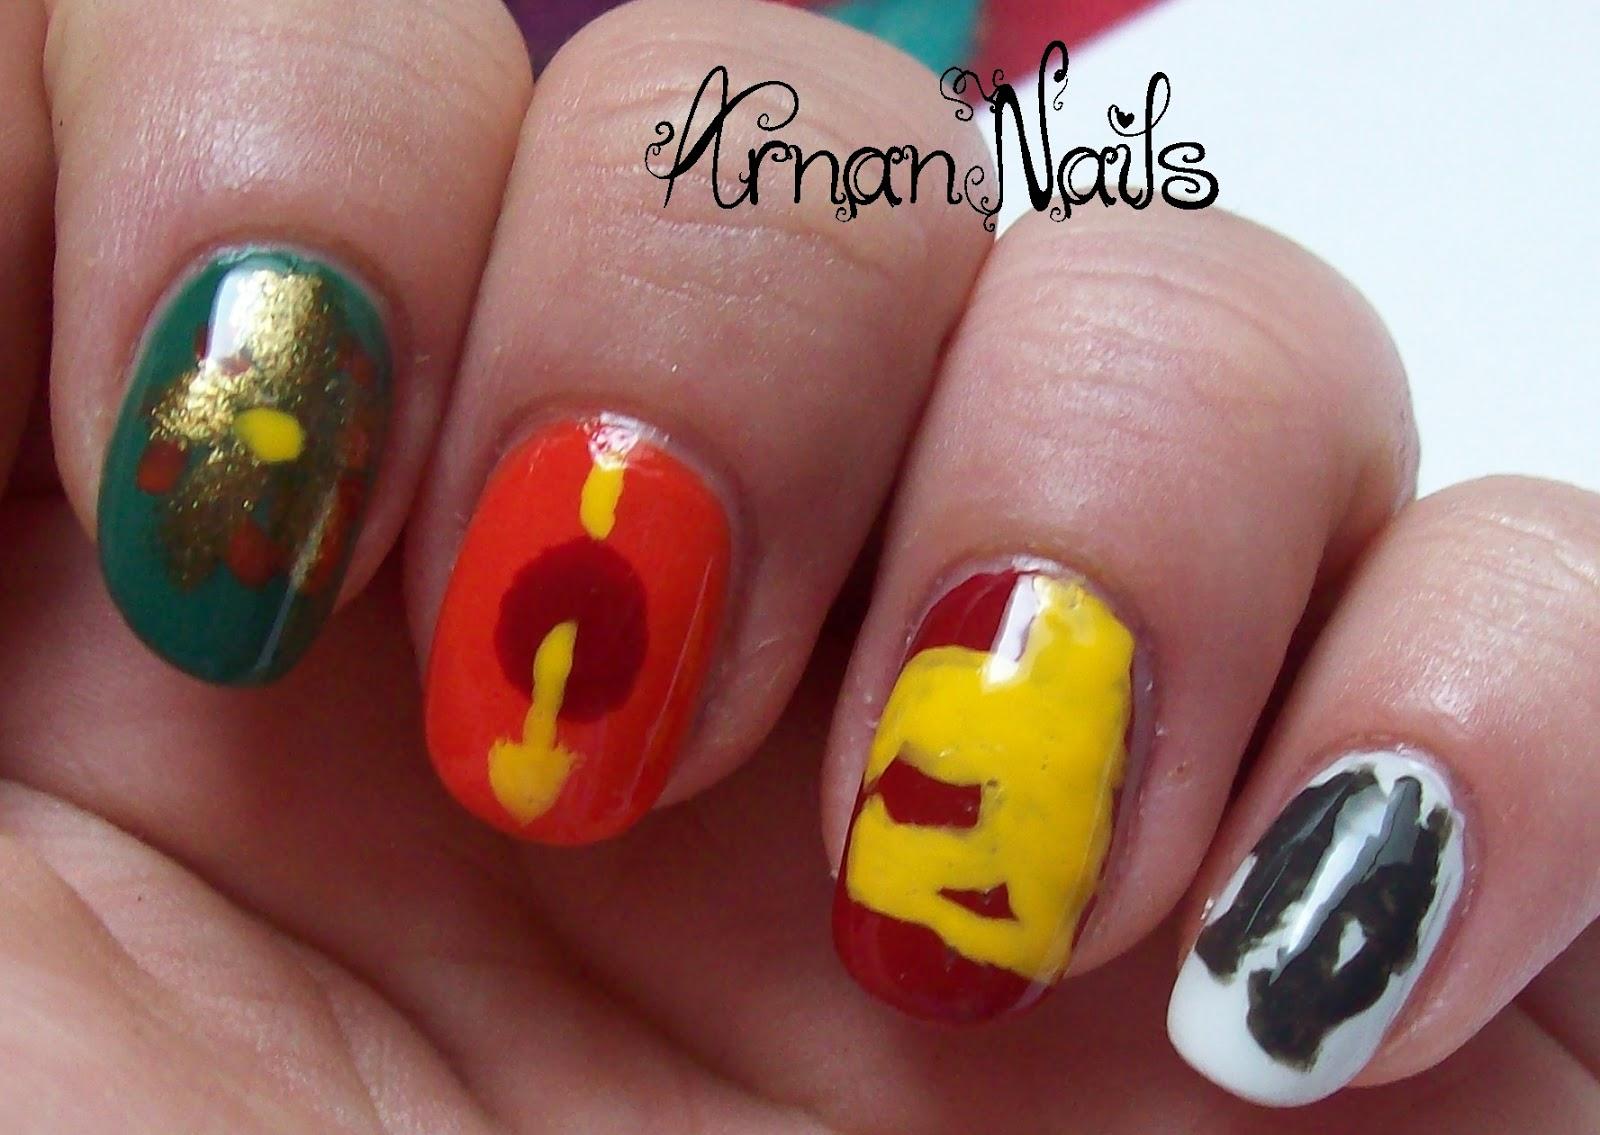 Arnan Nails: Game of Thrones Nails Season 2